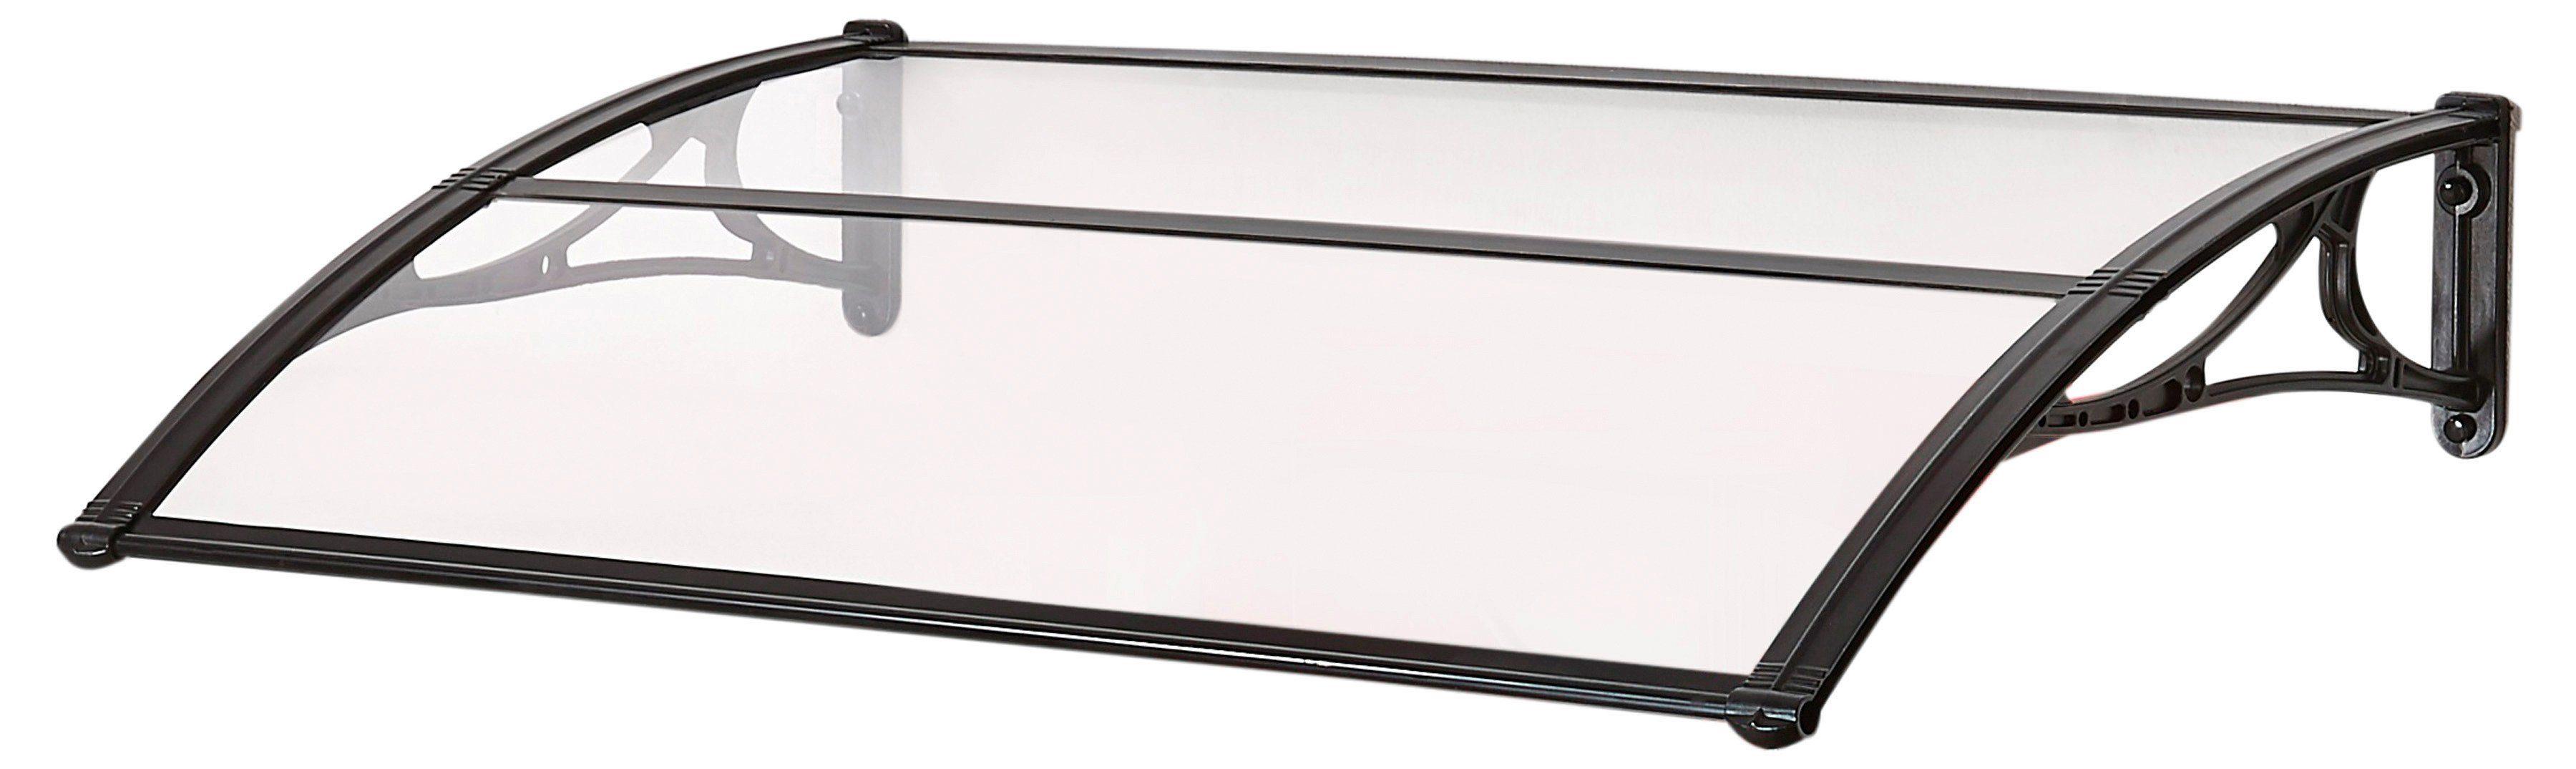 SUPERROOF Vordach »EMMA 1200«, B/T/H: 120/74/21 cm, schwarz